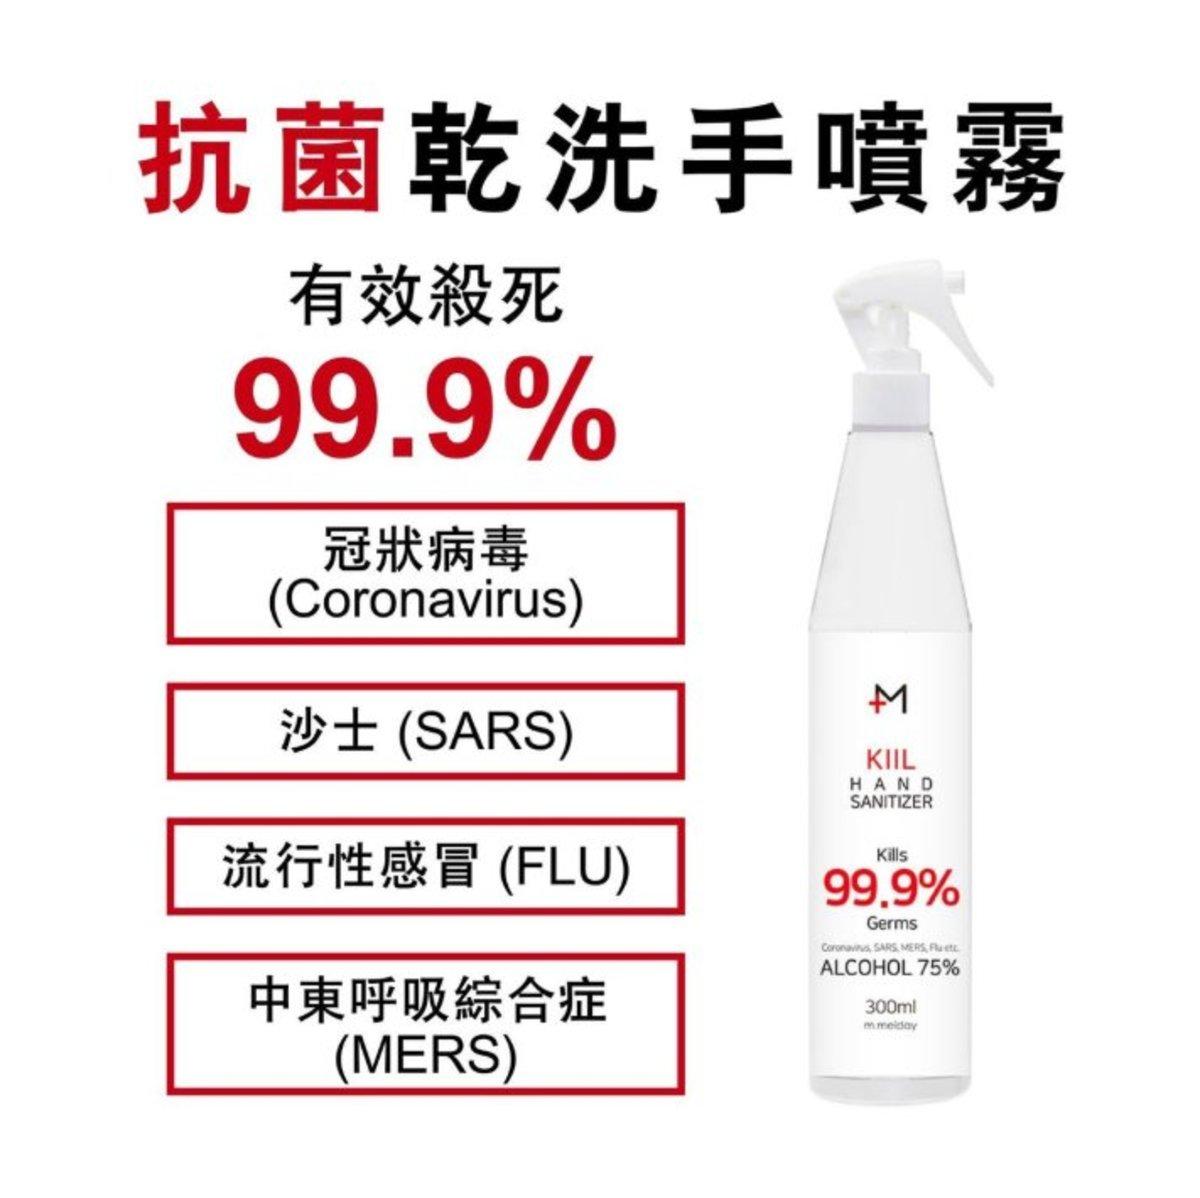 韓國M.Kill 75%酒精消毒 殺滅99.9%細菌消毒噴霧300ML x1支